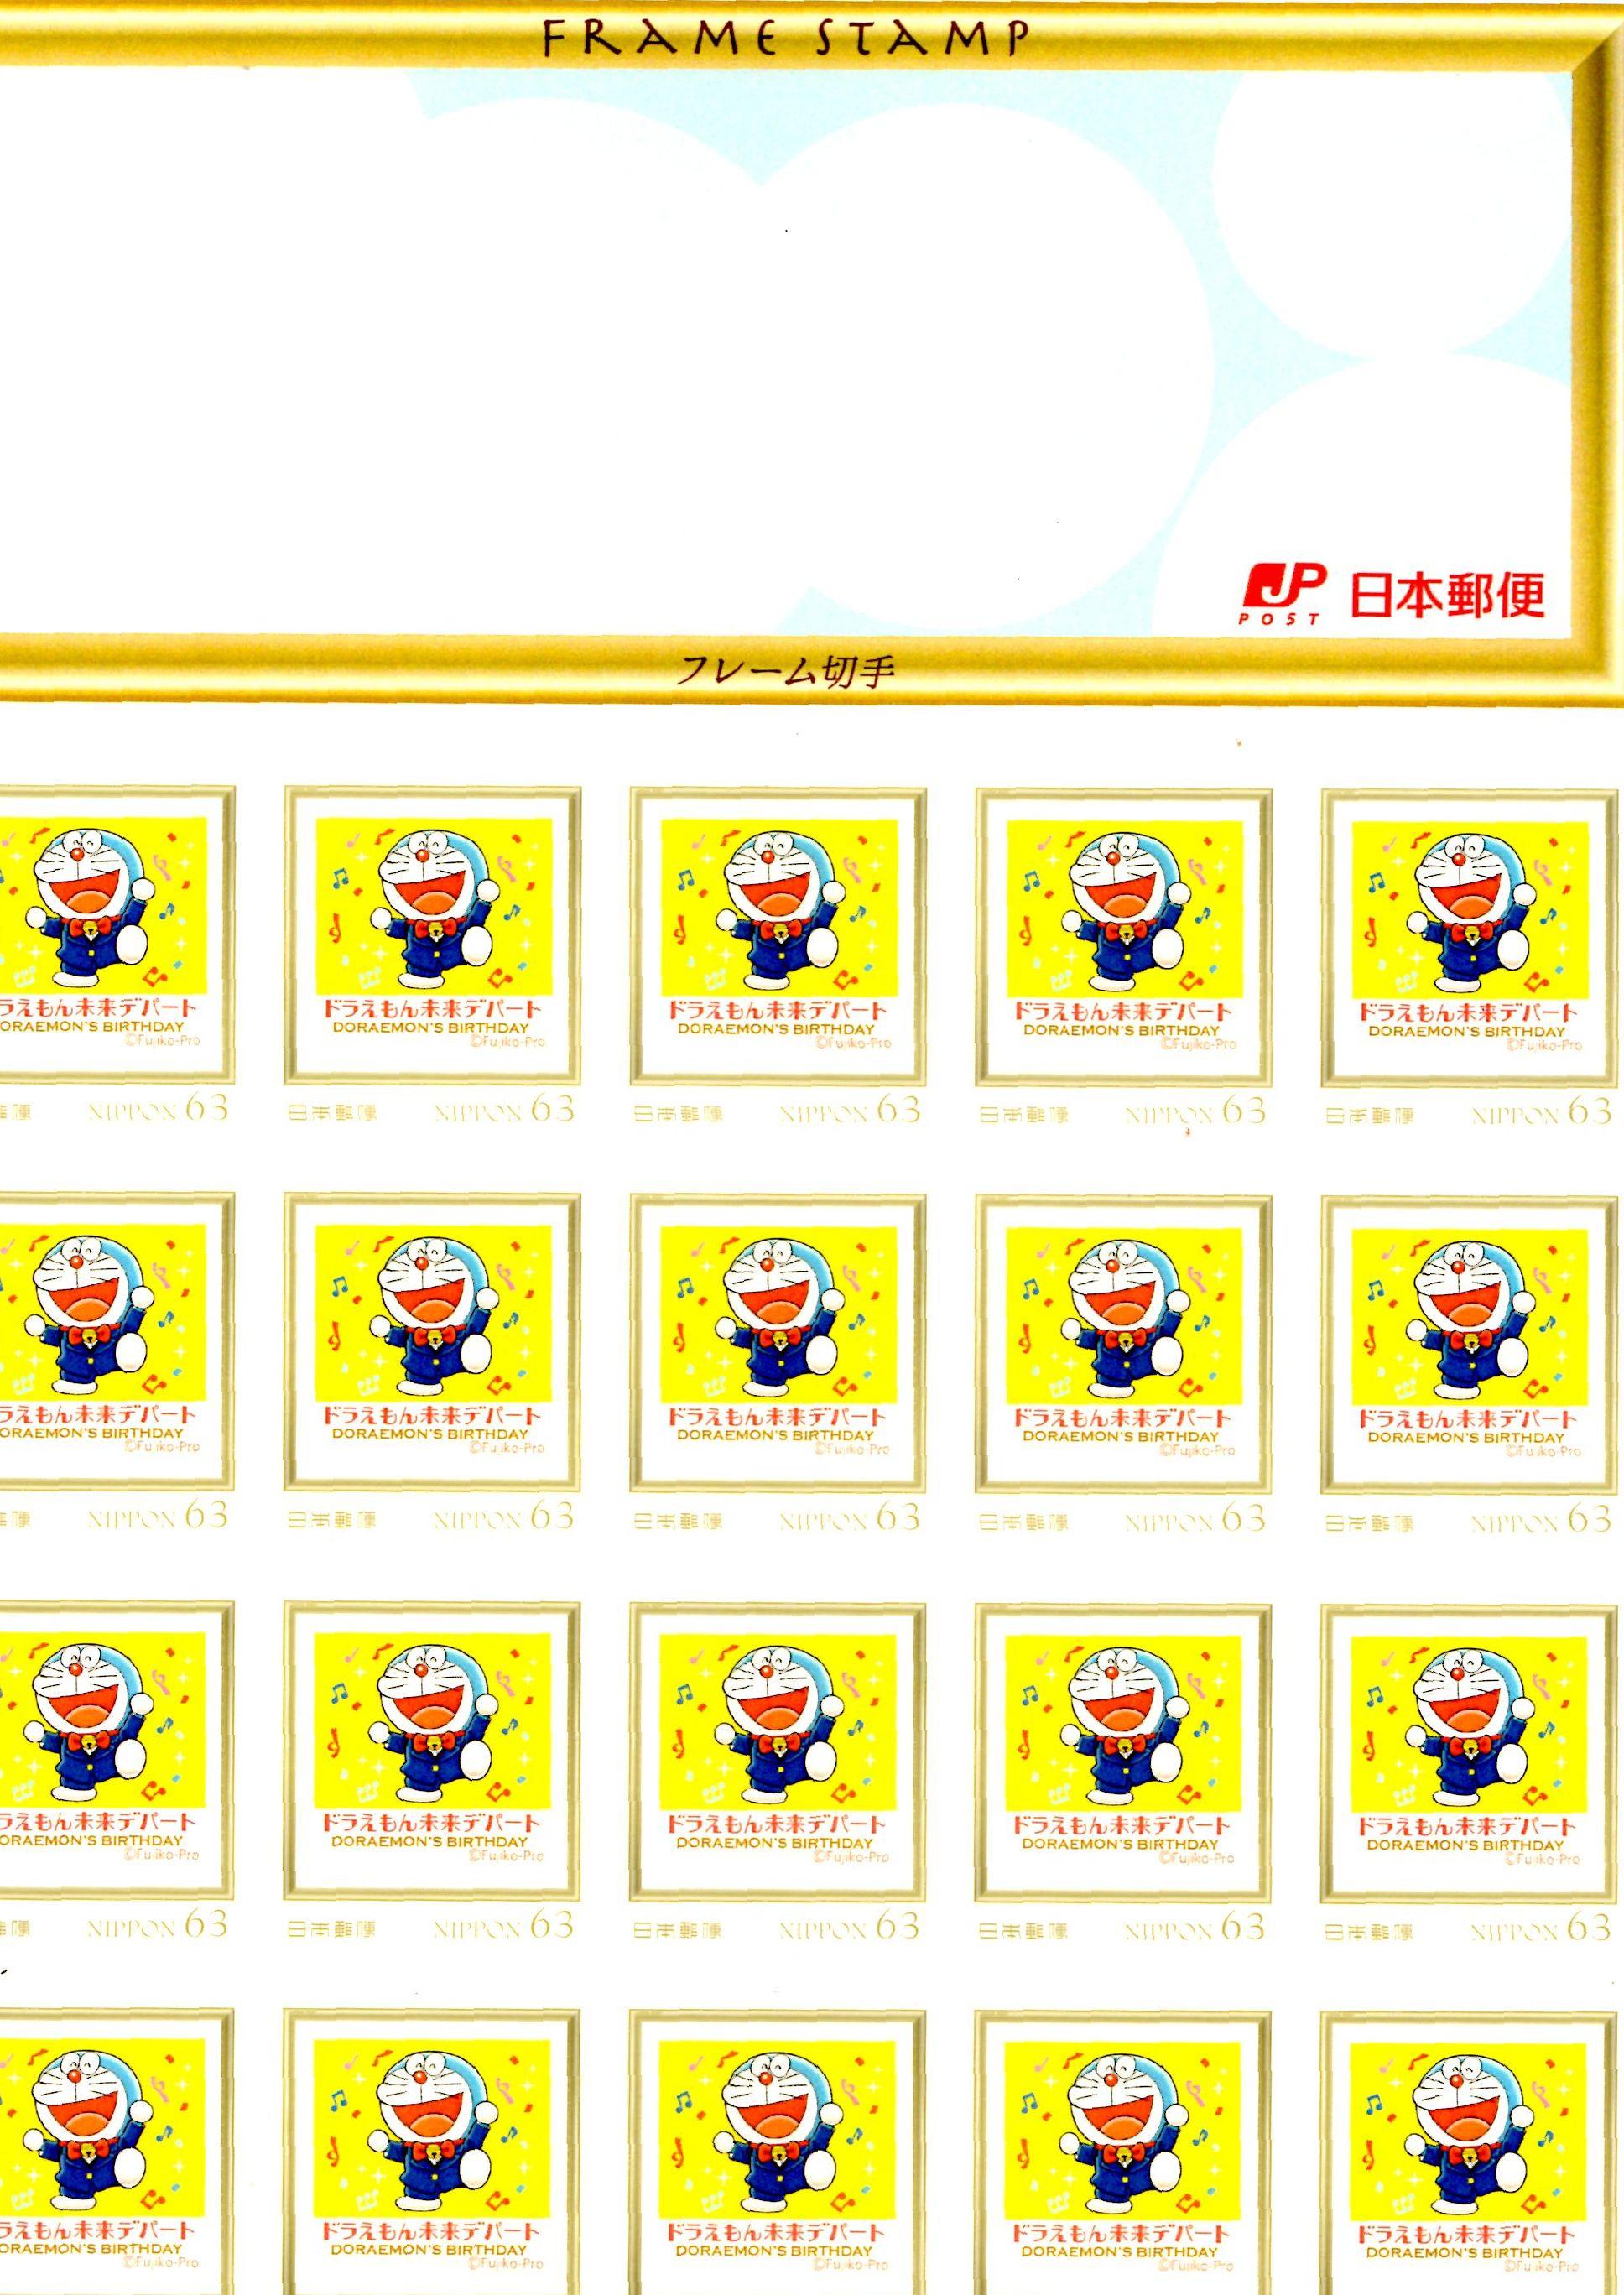 ドラえもん ふるさと割 バースデイ2021柄 国内在庫 記念切手 未来デパート限定 1シート お台場